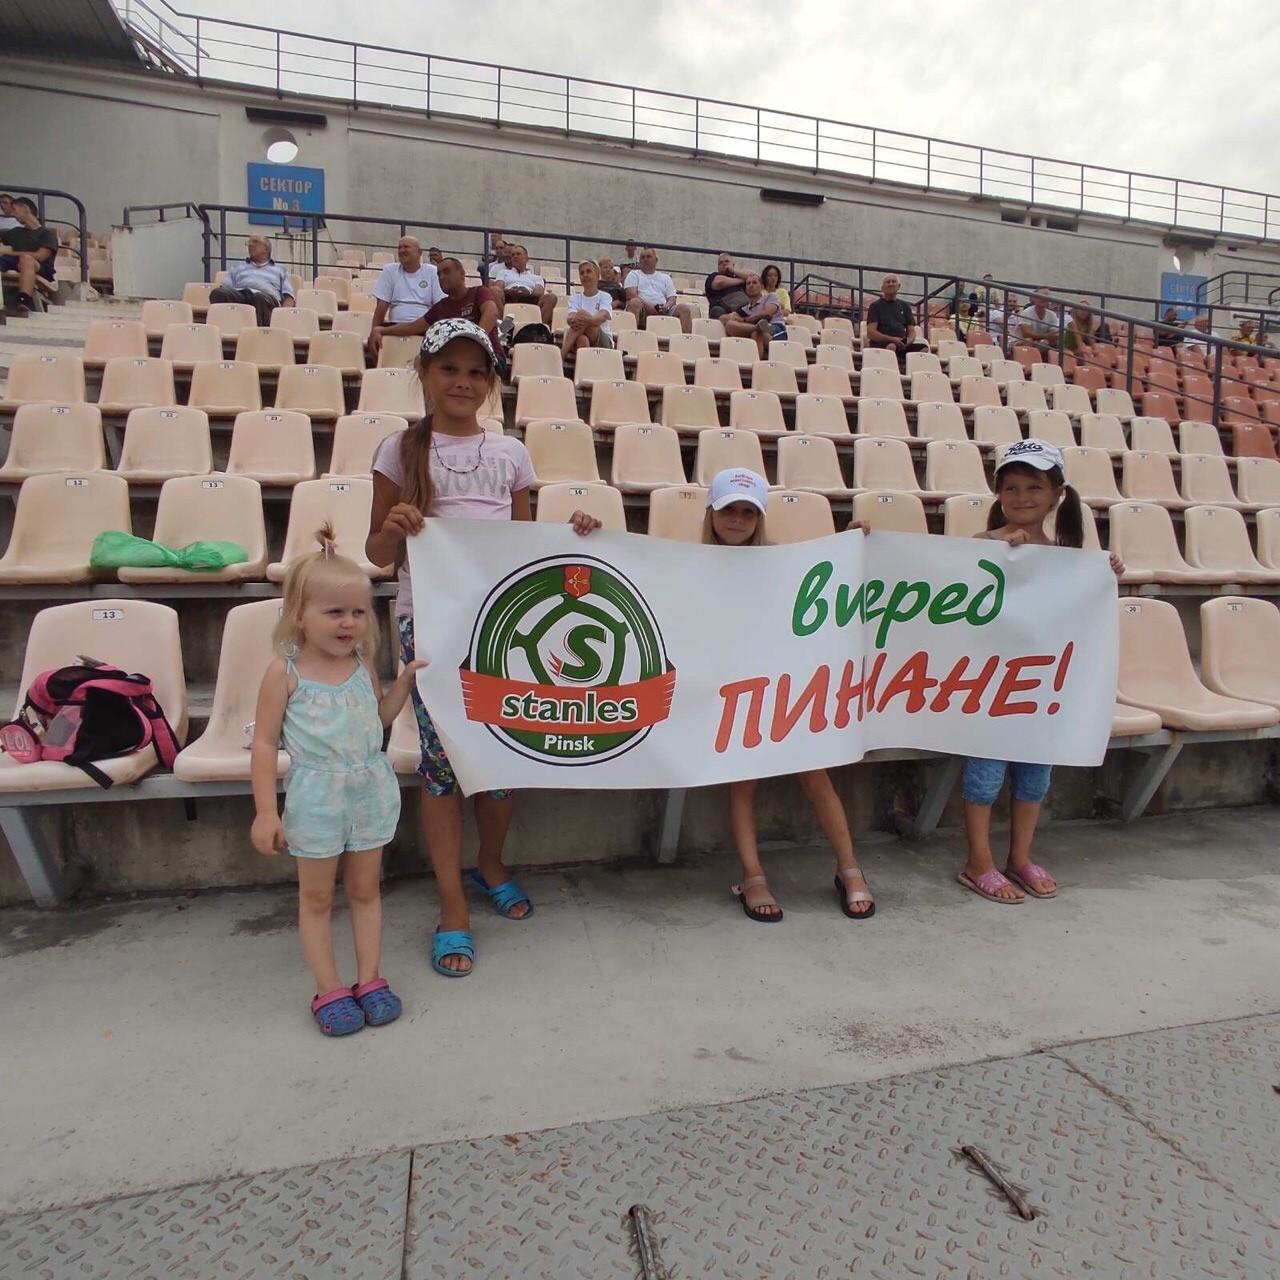 Атмосфера футбольного поединка в Пинске - «Стэнлес» vs «Надежда» (фото плюс комментарий игрока)